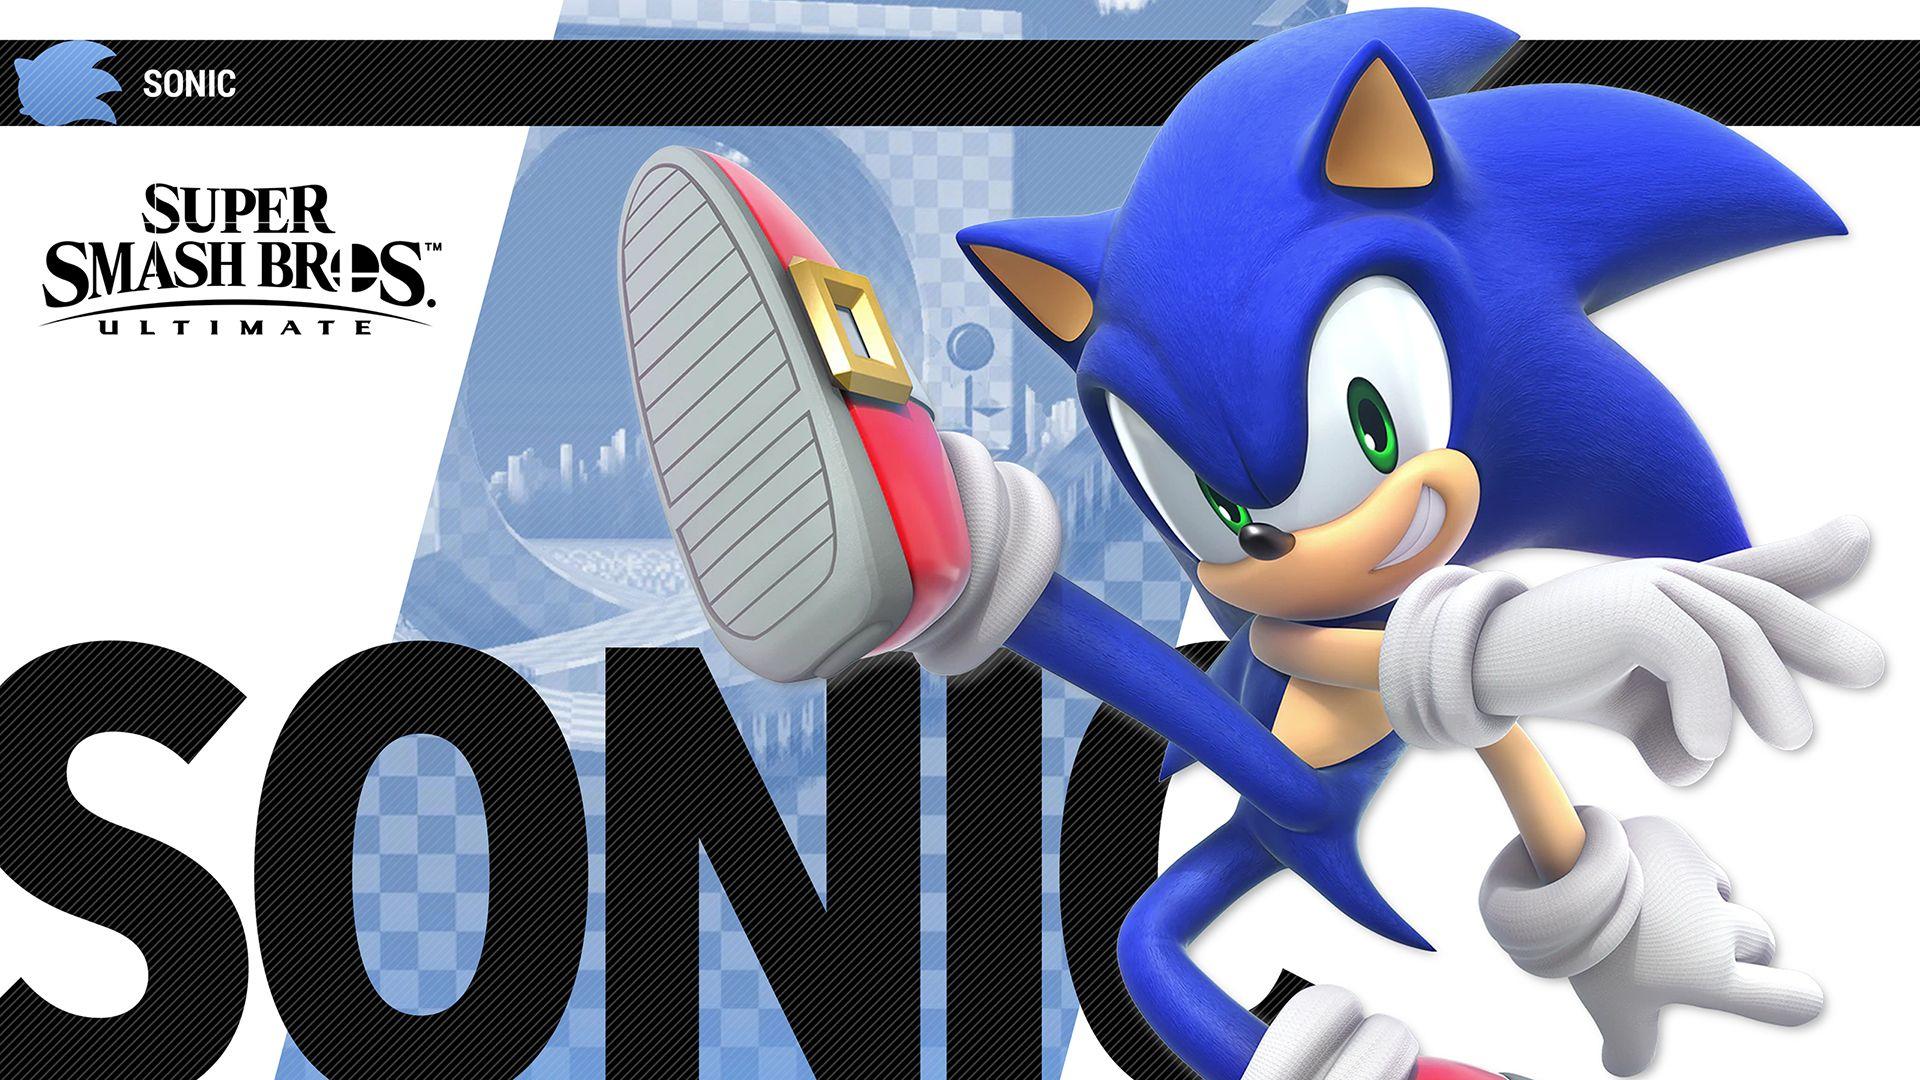 Sonic The Hedgehog Smash Bros Super Smash Bros Nintendo Switch System